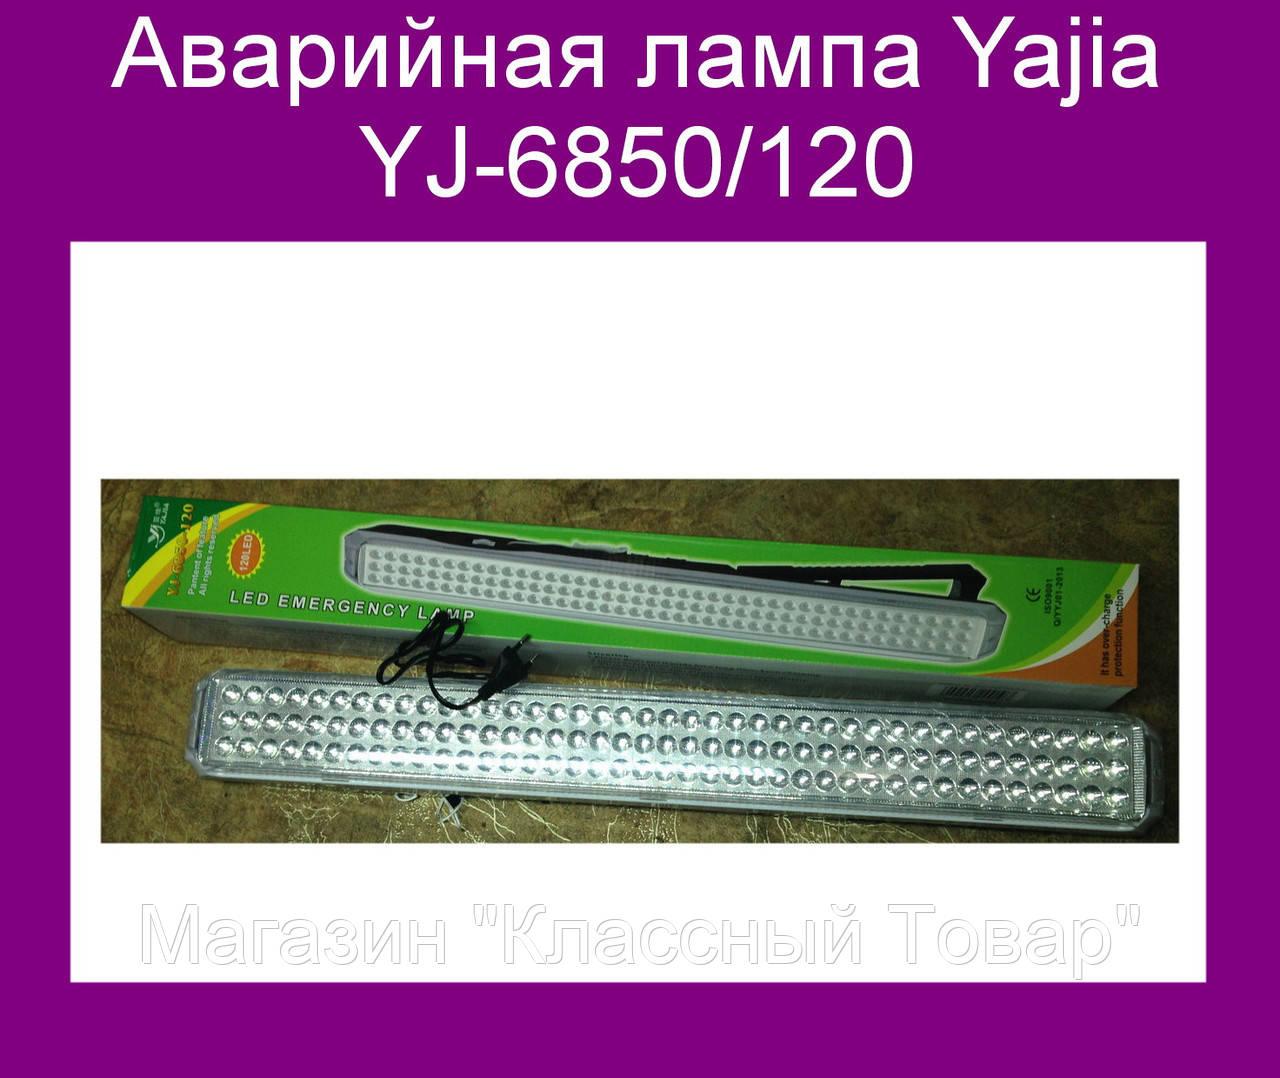 Аварийная лампа Yajia YJ-6850/120!Лучший подарок